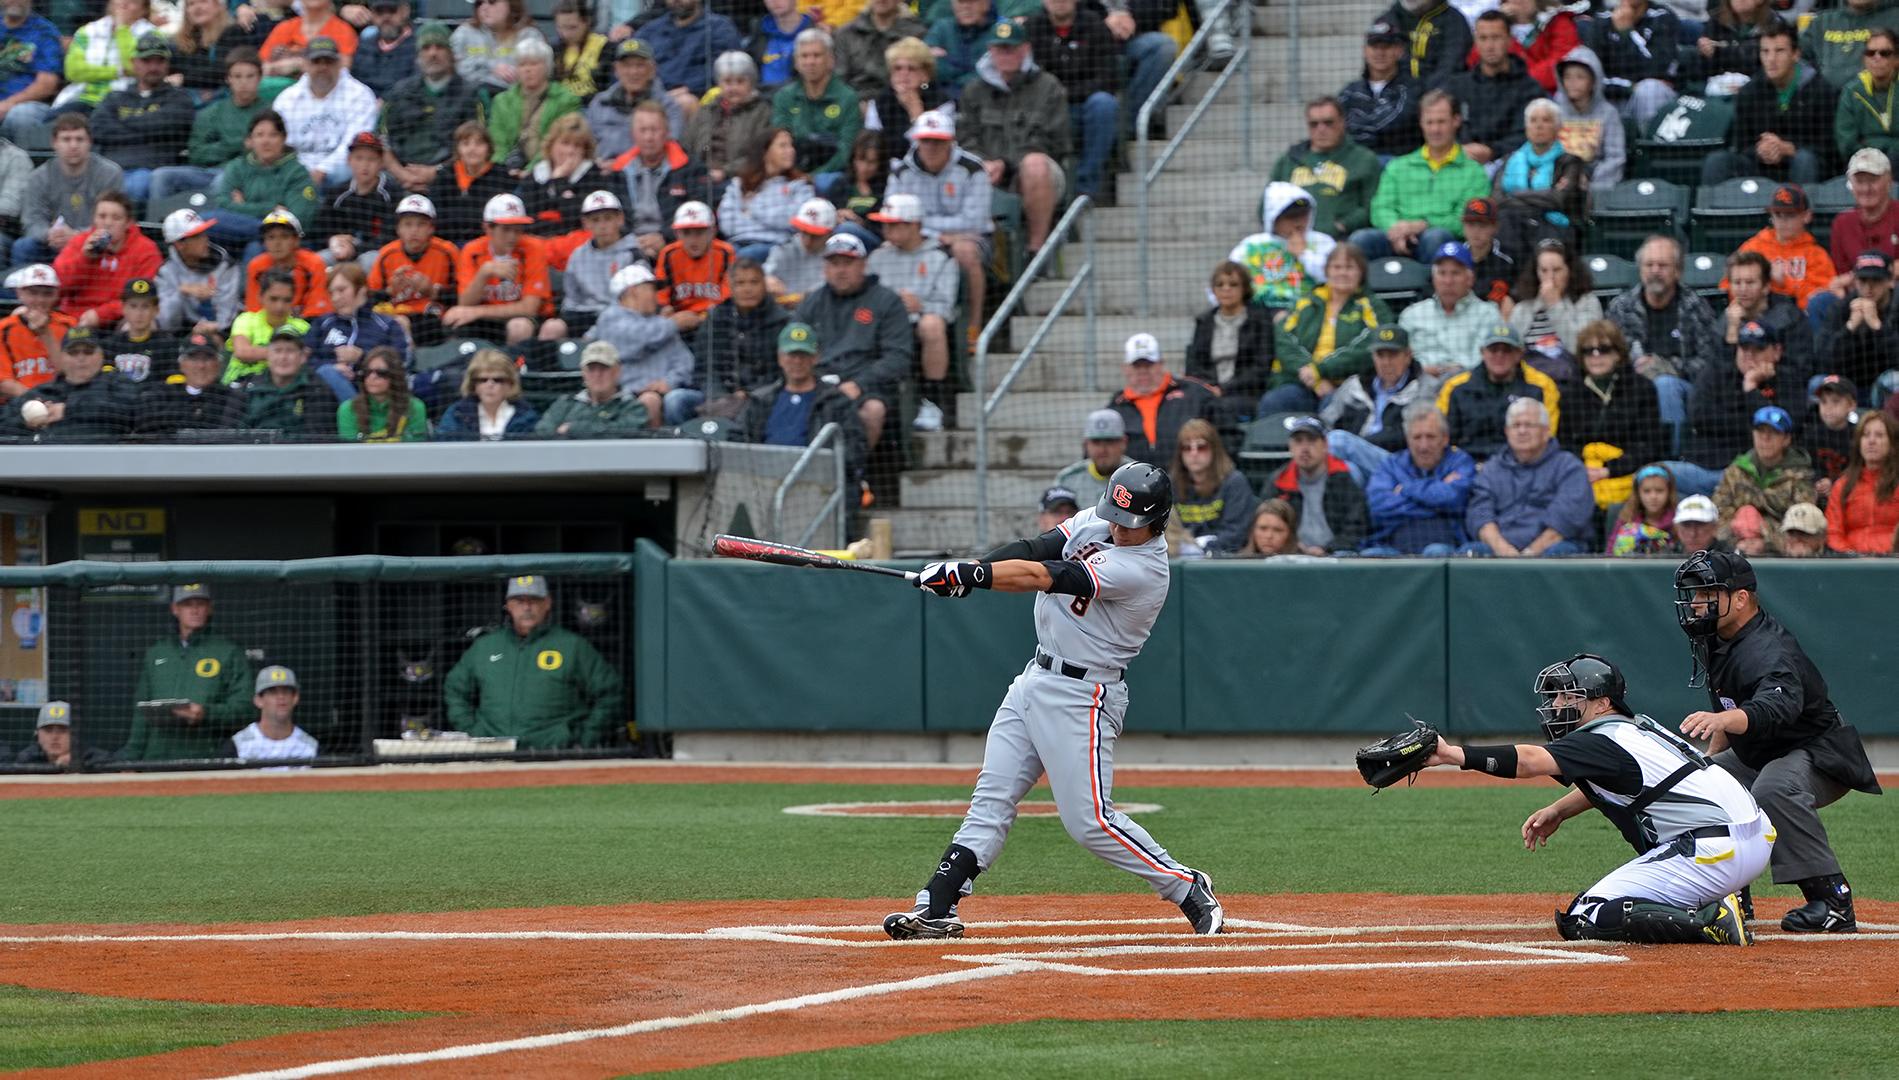 OSU baseball Michael Conforto